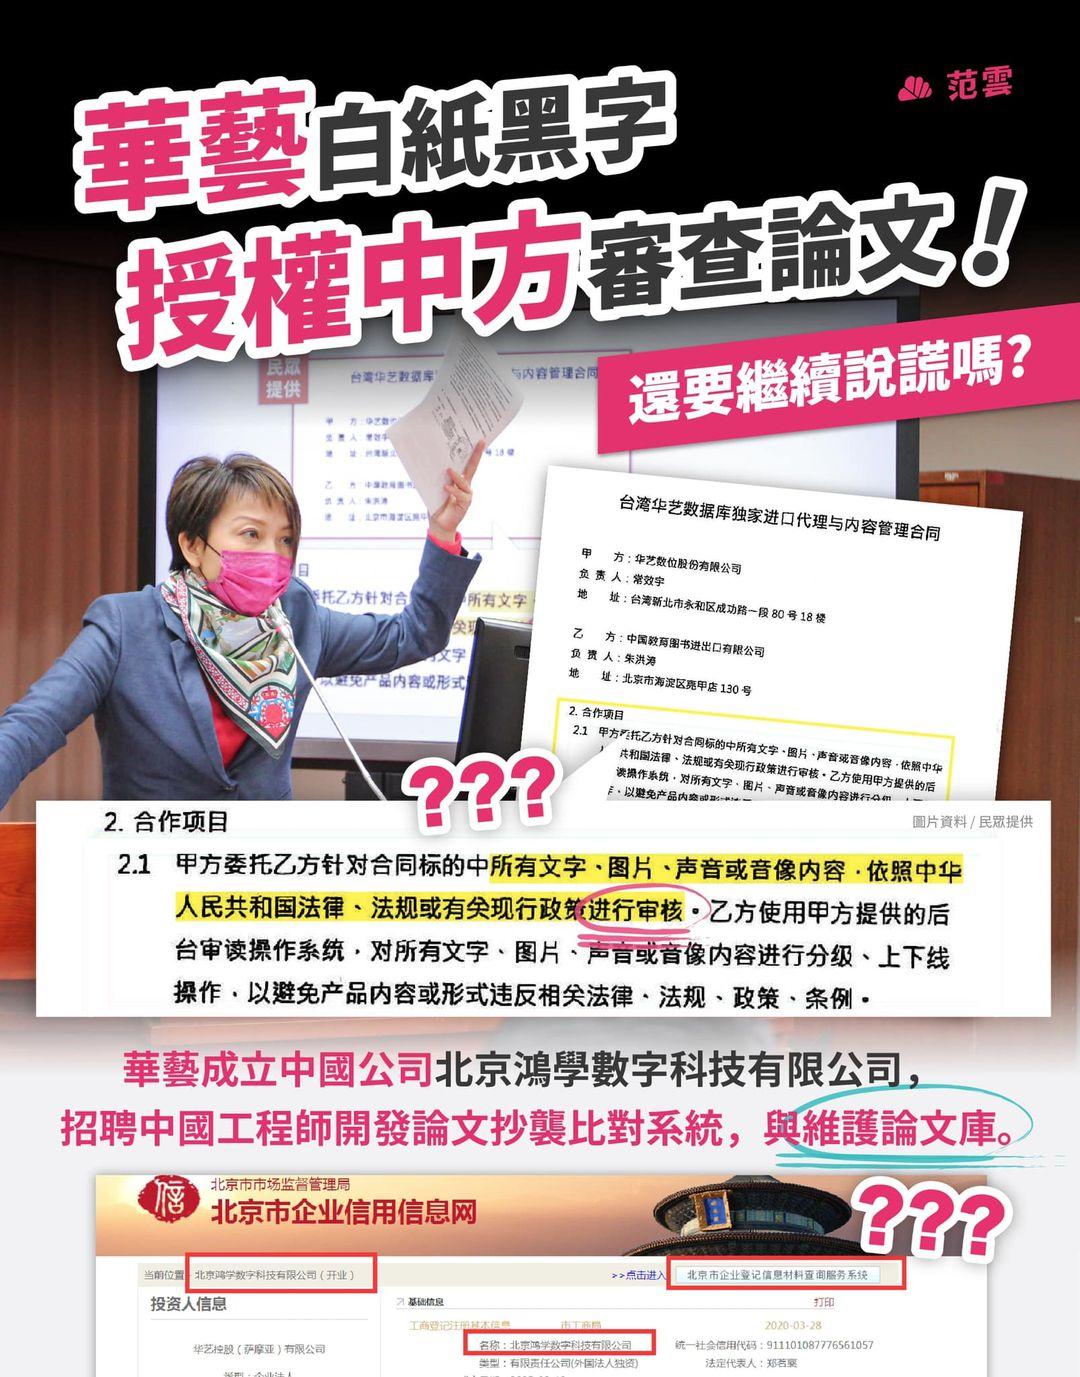 華藝白紙黑字授權中方廠商竄改論文,范雲要求相關單位盡快徹查。